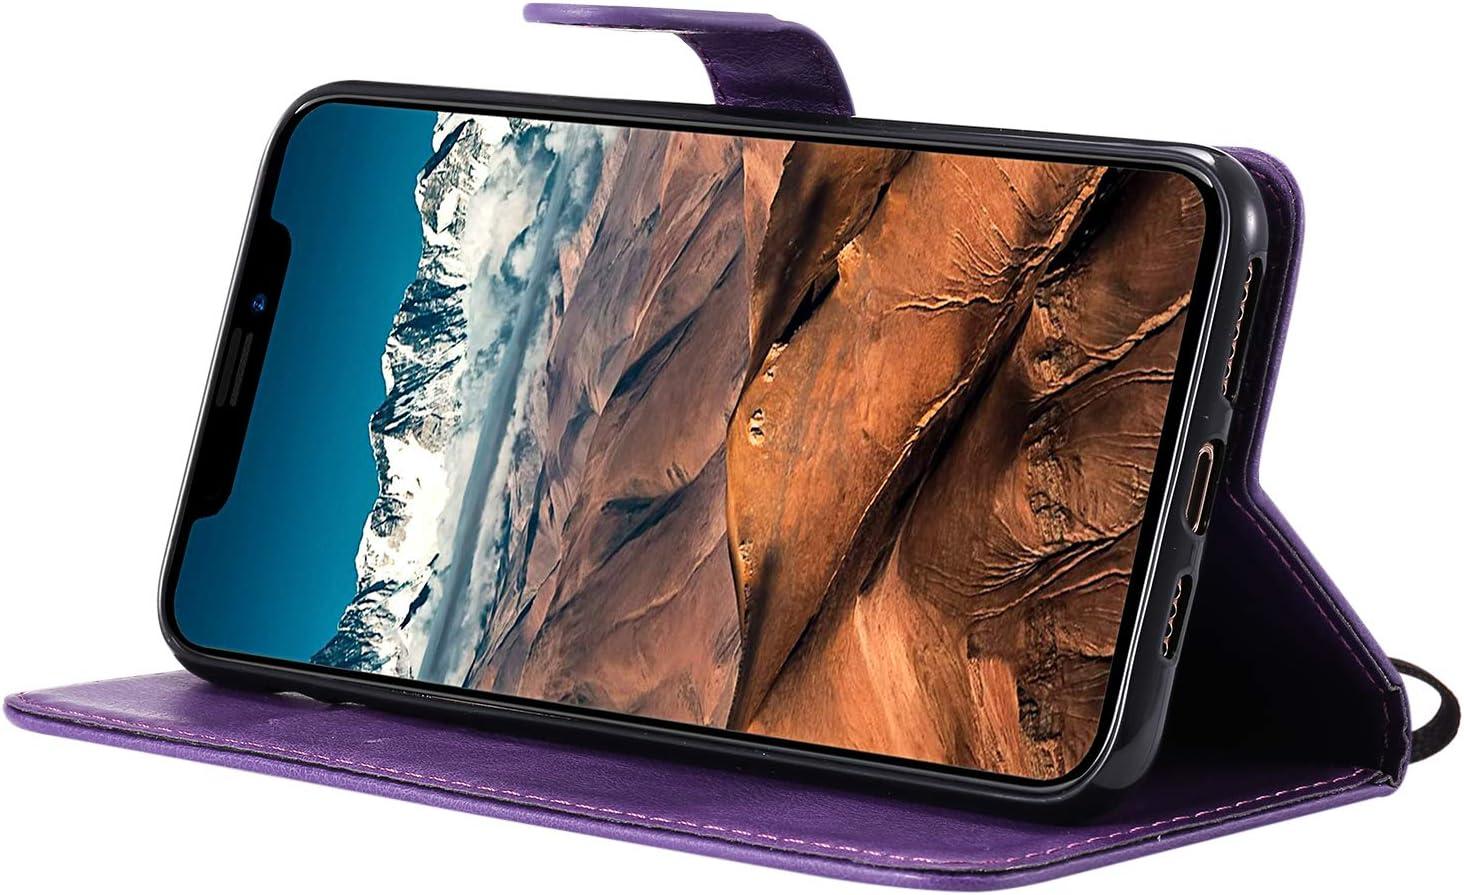 Rouge Fatcatparadise Coque Compatible iPhone 11 PU Cuir Flip Housse /Étui Rabat Cover Case Wallet Portefeuille Support avec Porte-Cartes Pochettes Case 6,1 Pouces avec Verre Tremp/é